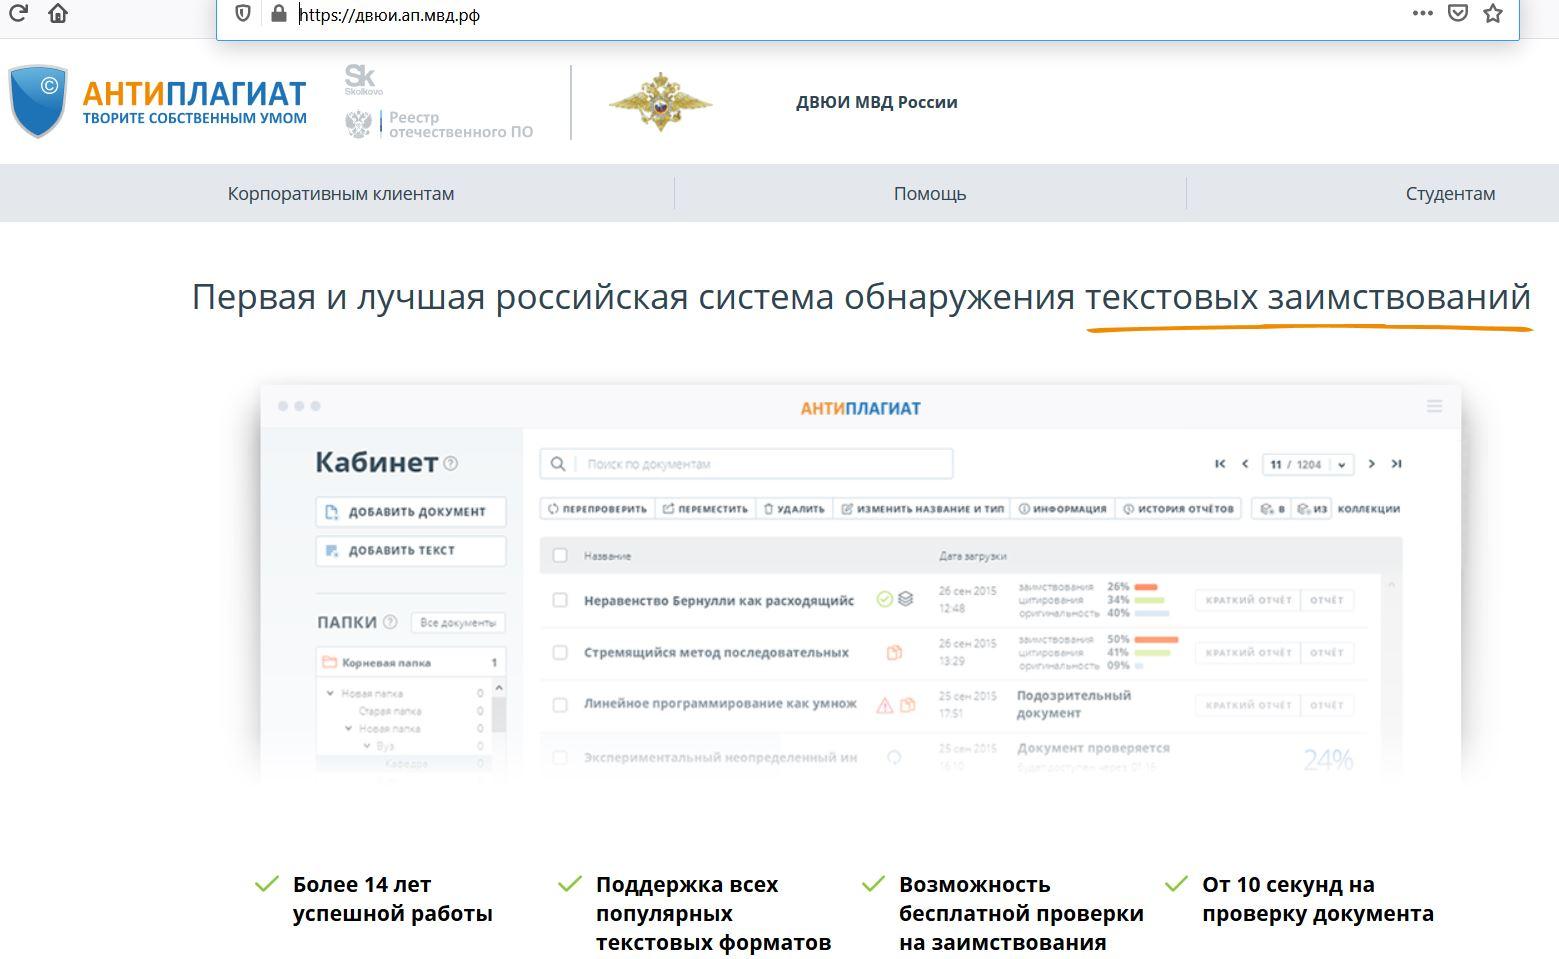 Антиплагиат ДВЮИ МВД